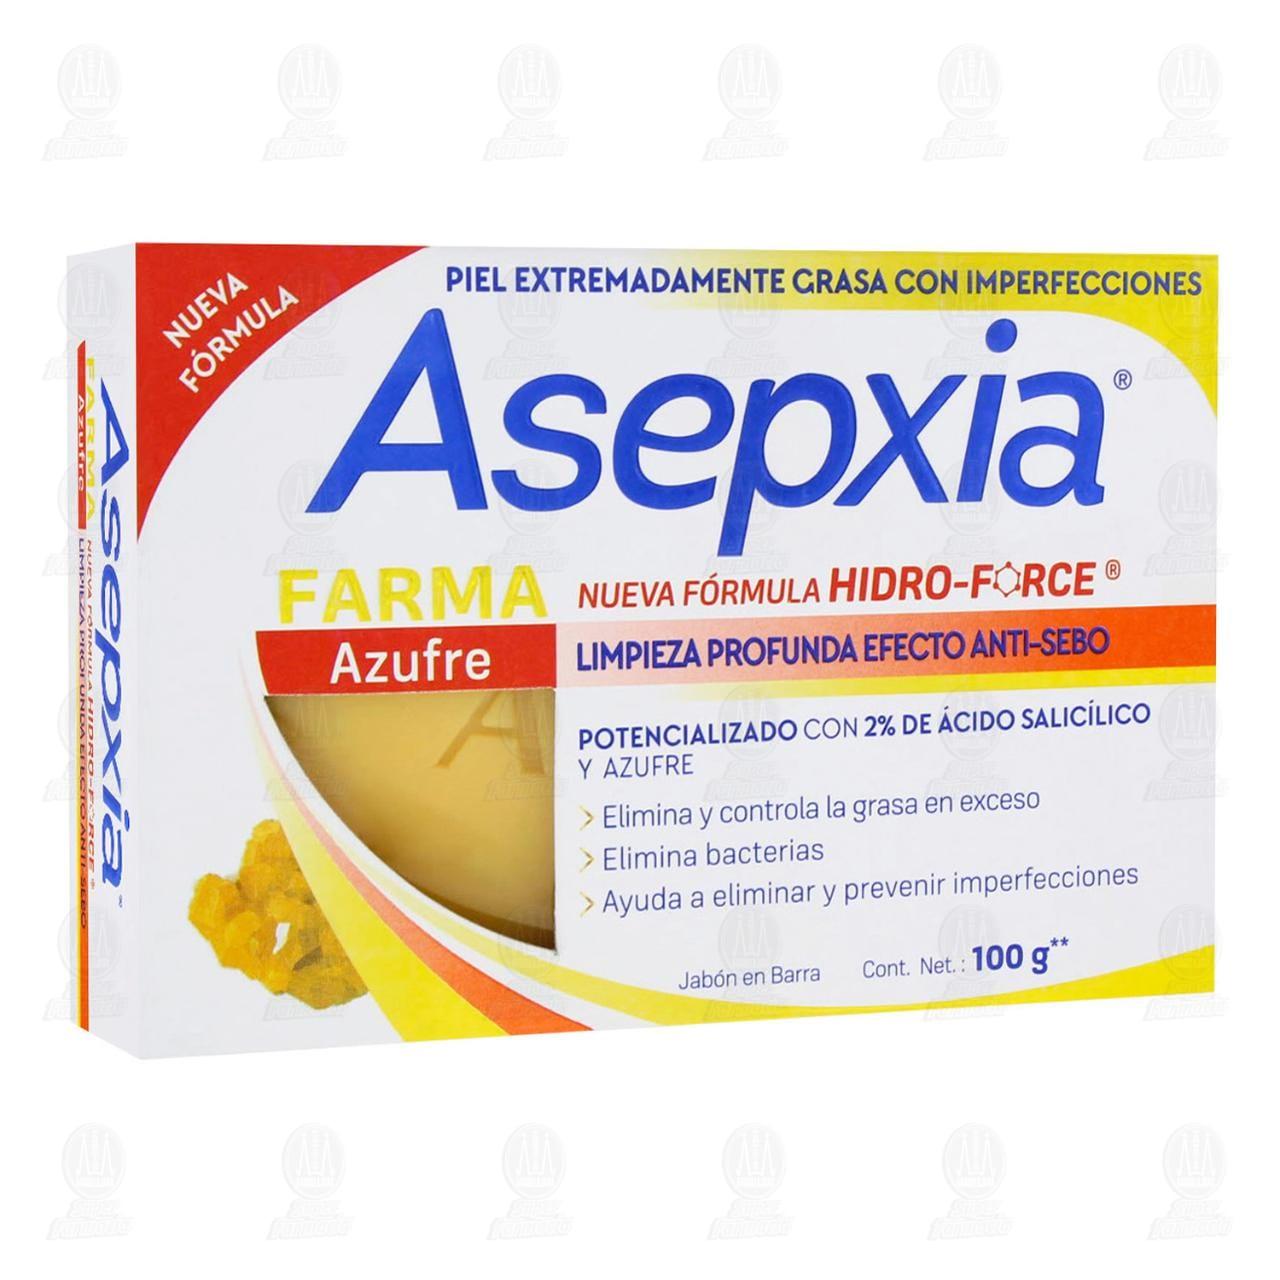 Comprar Jabón Asepxia Farma Azufre en Barra, 100 gr. en Farmacias Guadalajara